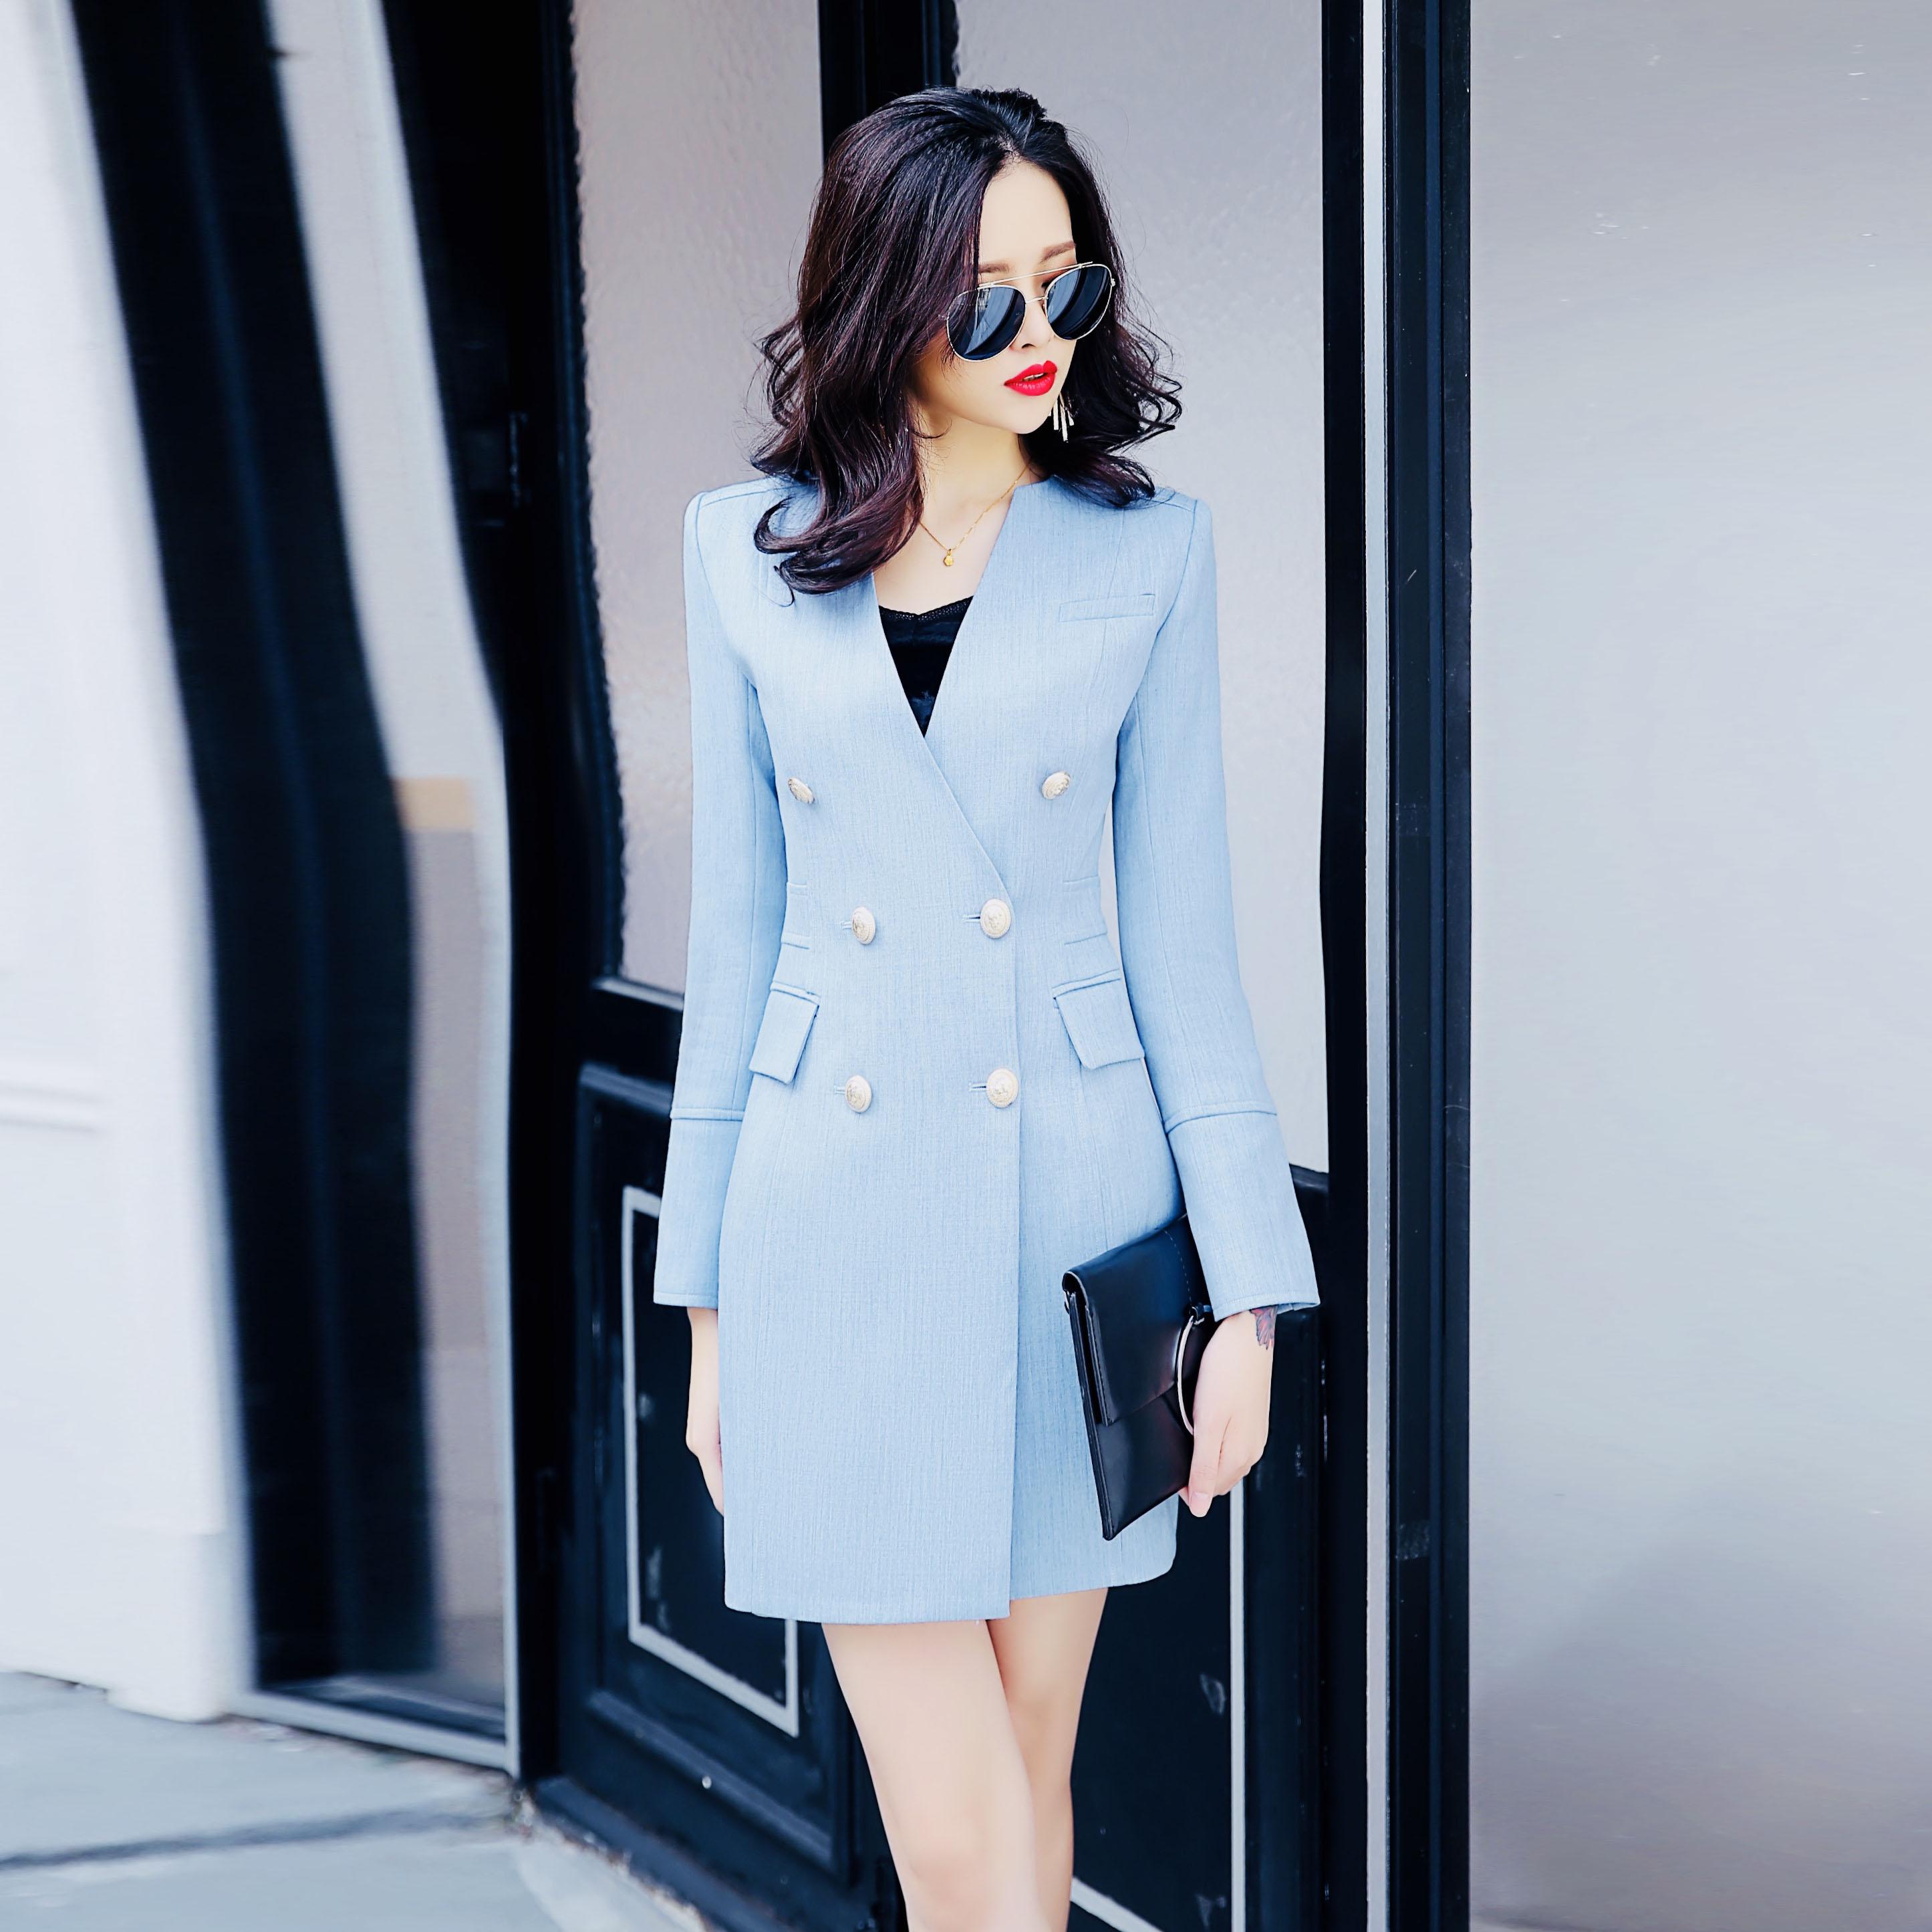 Col Double Bureau Mode De V Robe Longues Robes Femmes Dames Costume Formelle Printemps Pour Breasted À Manches Bleu Lxunyl Automne Mince qxwgCAUn